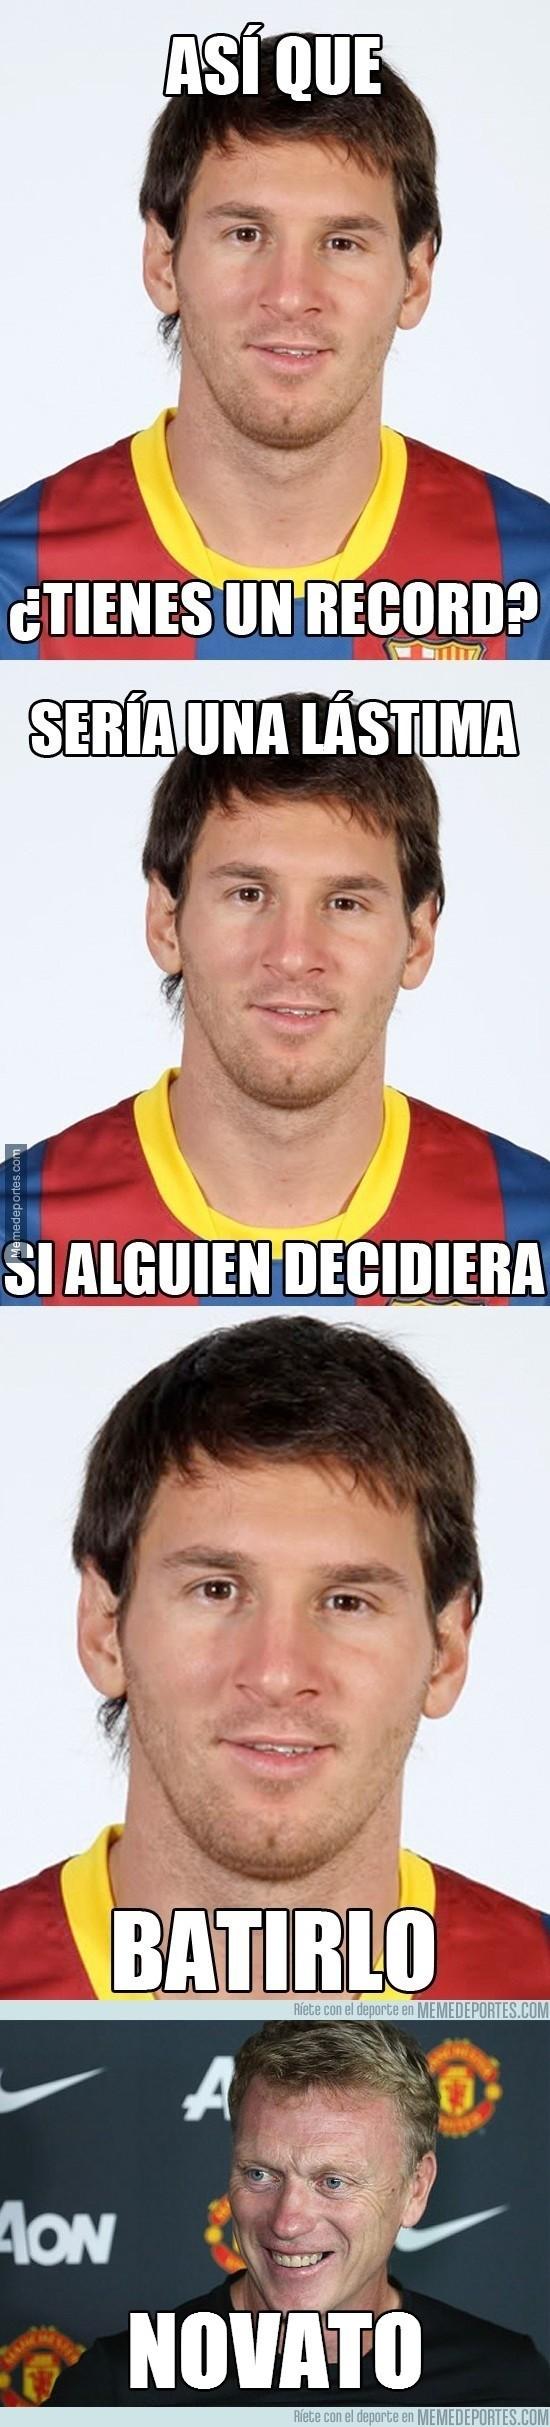 288529 - ¿Quién hará más records a final de temporada? ¿Messi o Moyes?